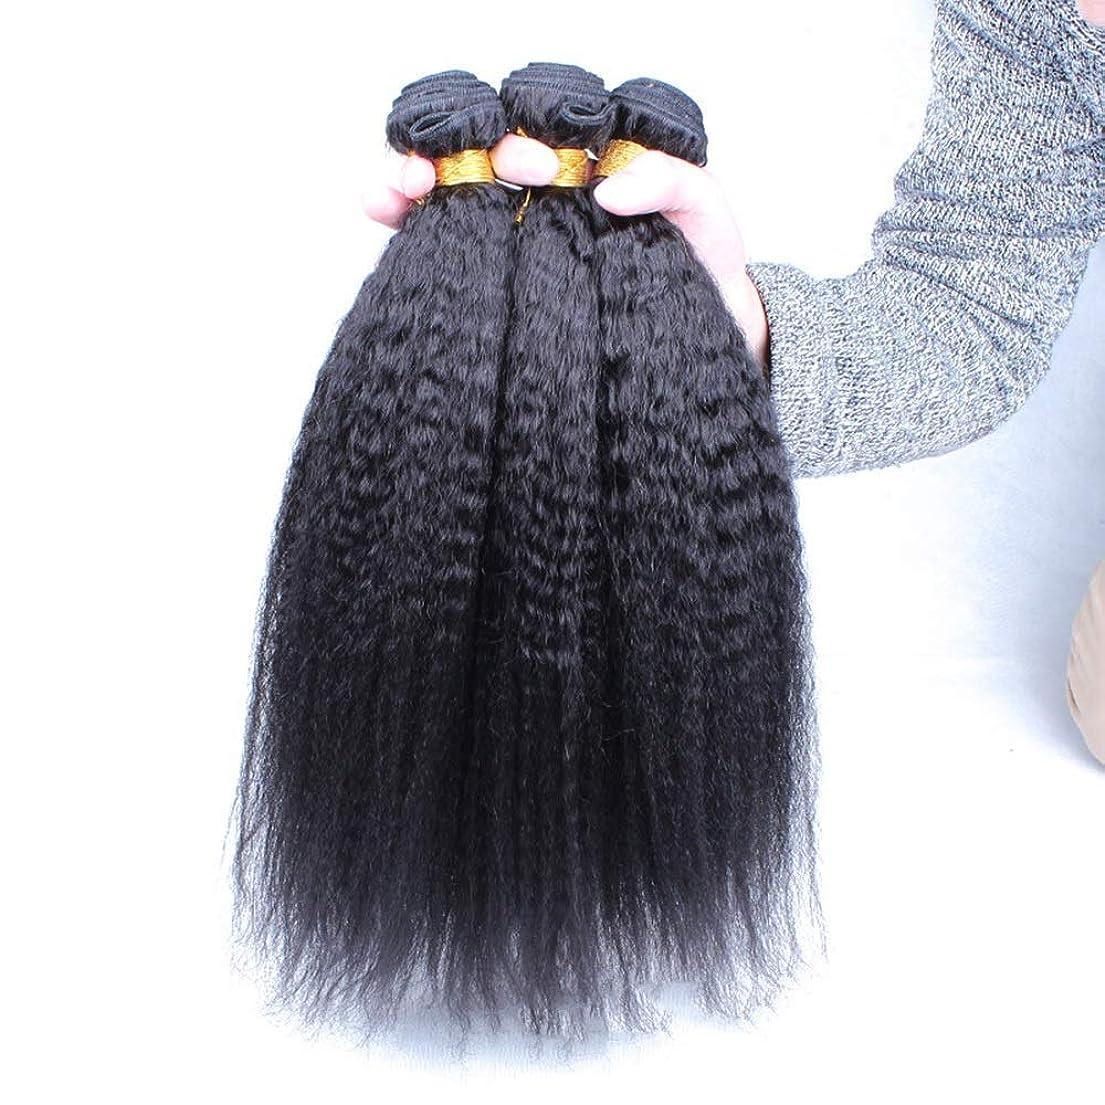 ある電子嫌なIsikawan 焼きストレートヘア織り人毛100%エクステンションナチュラルブラックカラー(10インチ-24インチ)ブラジル人変態ストレート人間の髪の毛の束 (色 : ブラック, サイズ : 20 inch)